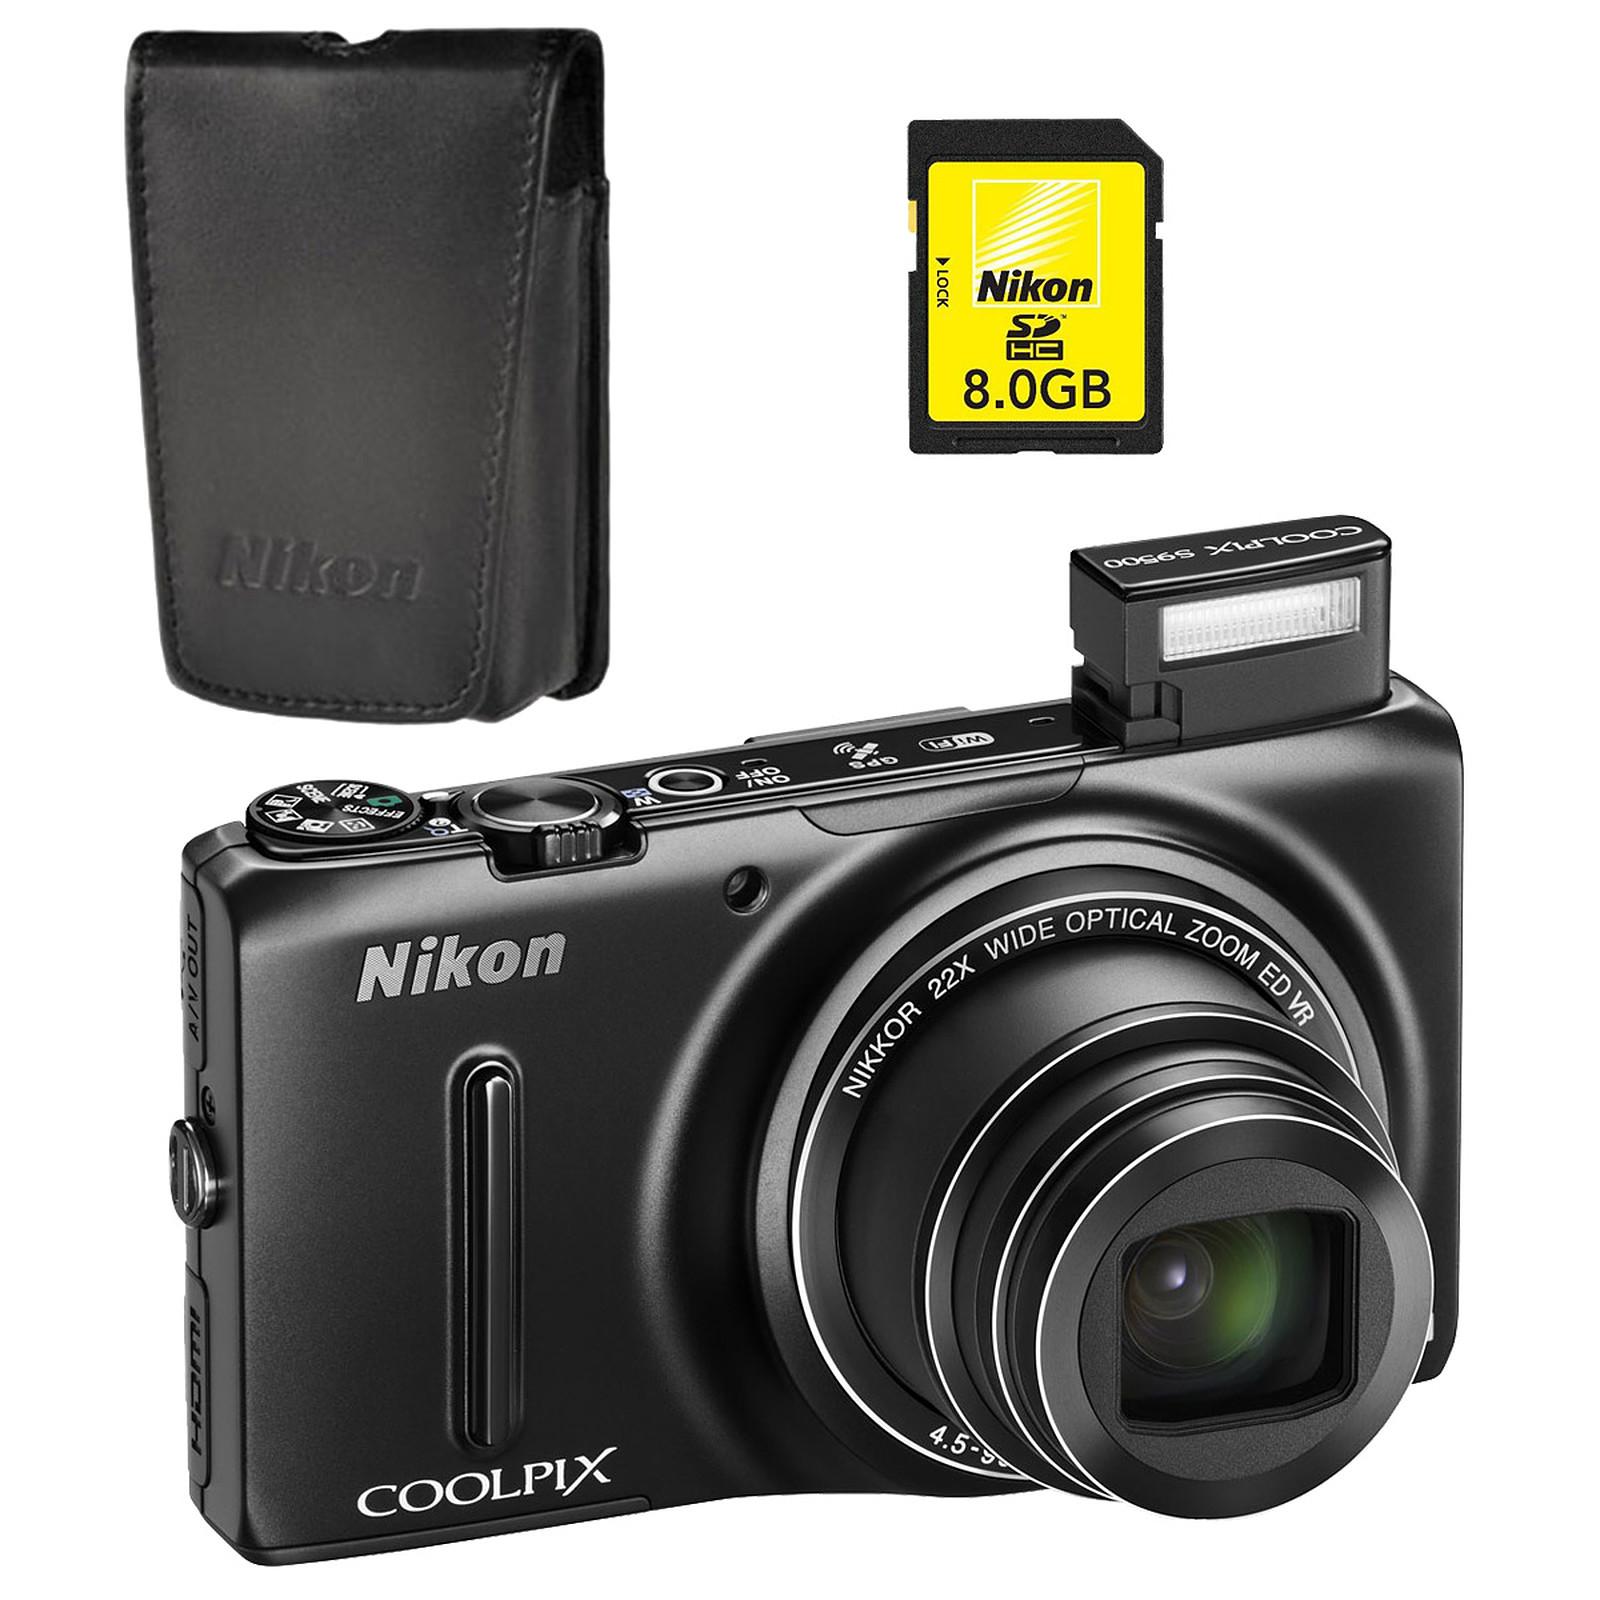 le prix reste stable code promo 100% de haute qualité Nikon Coolpix S9500 Noir + Etui ALM230103 + Carte SDHC 8 Go ...